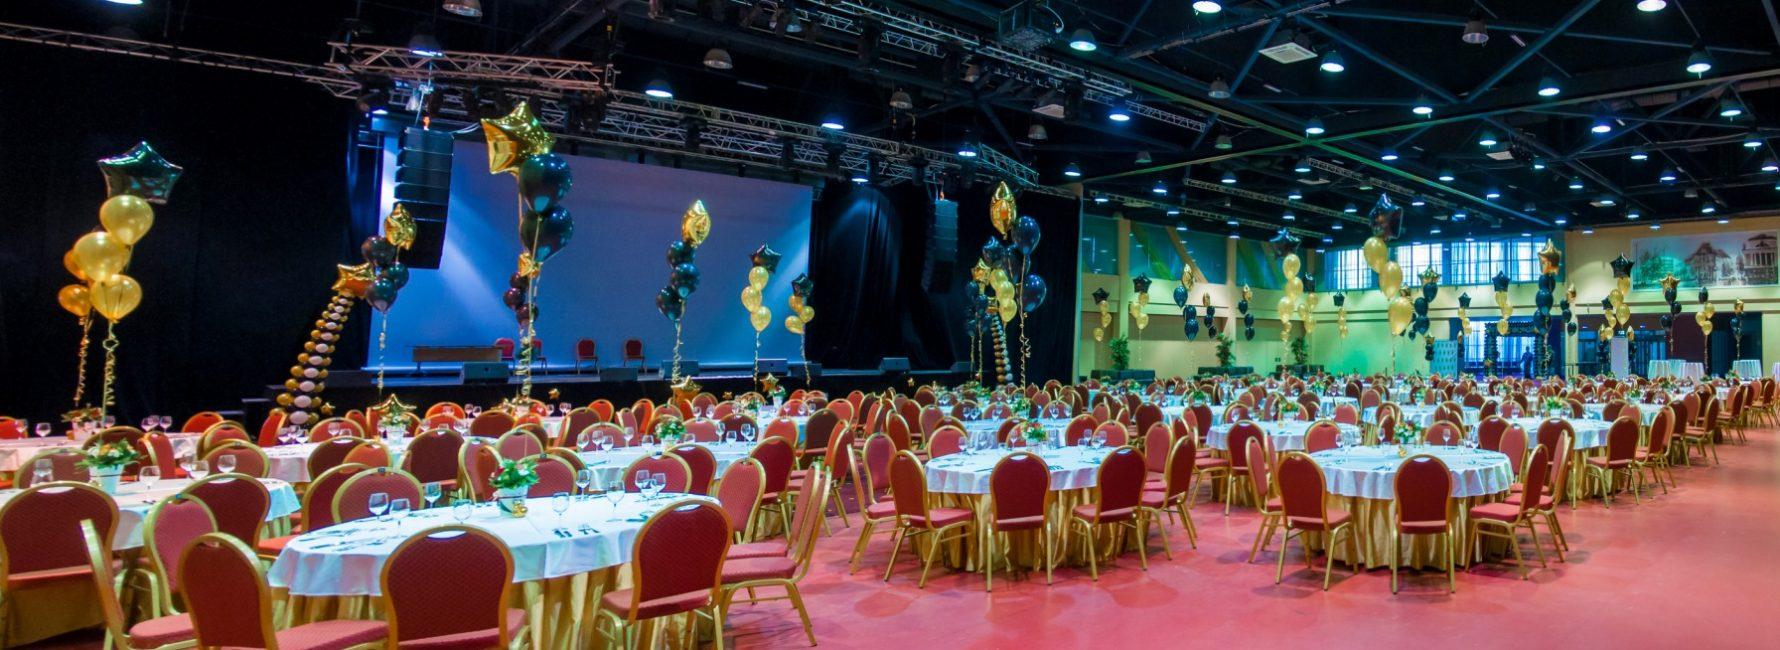 Просторные залы вместимостью до 800 человек